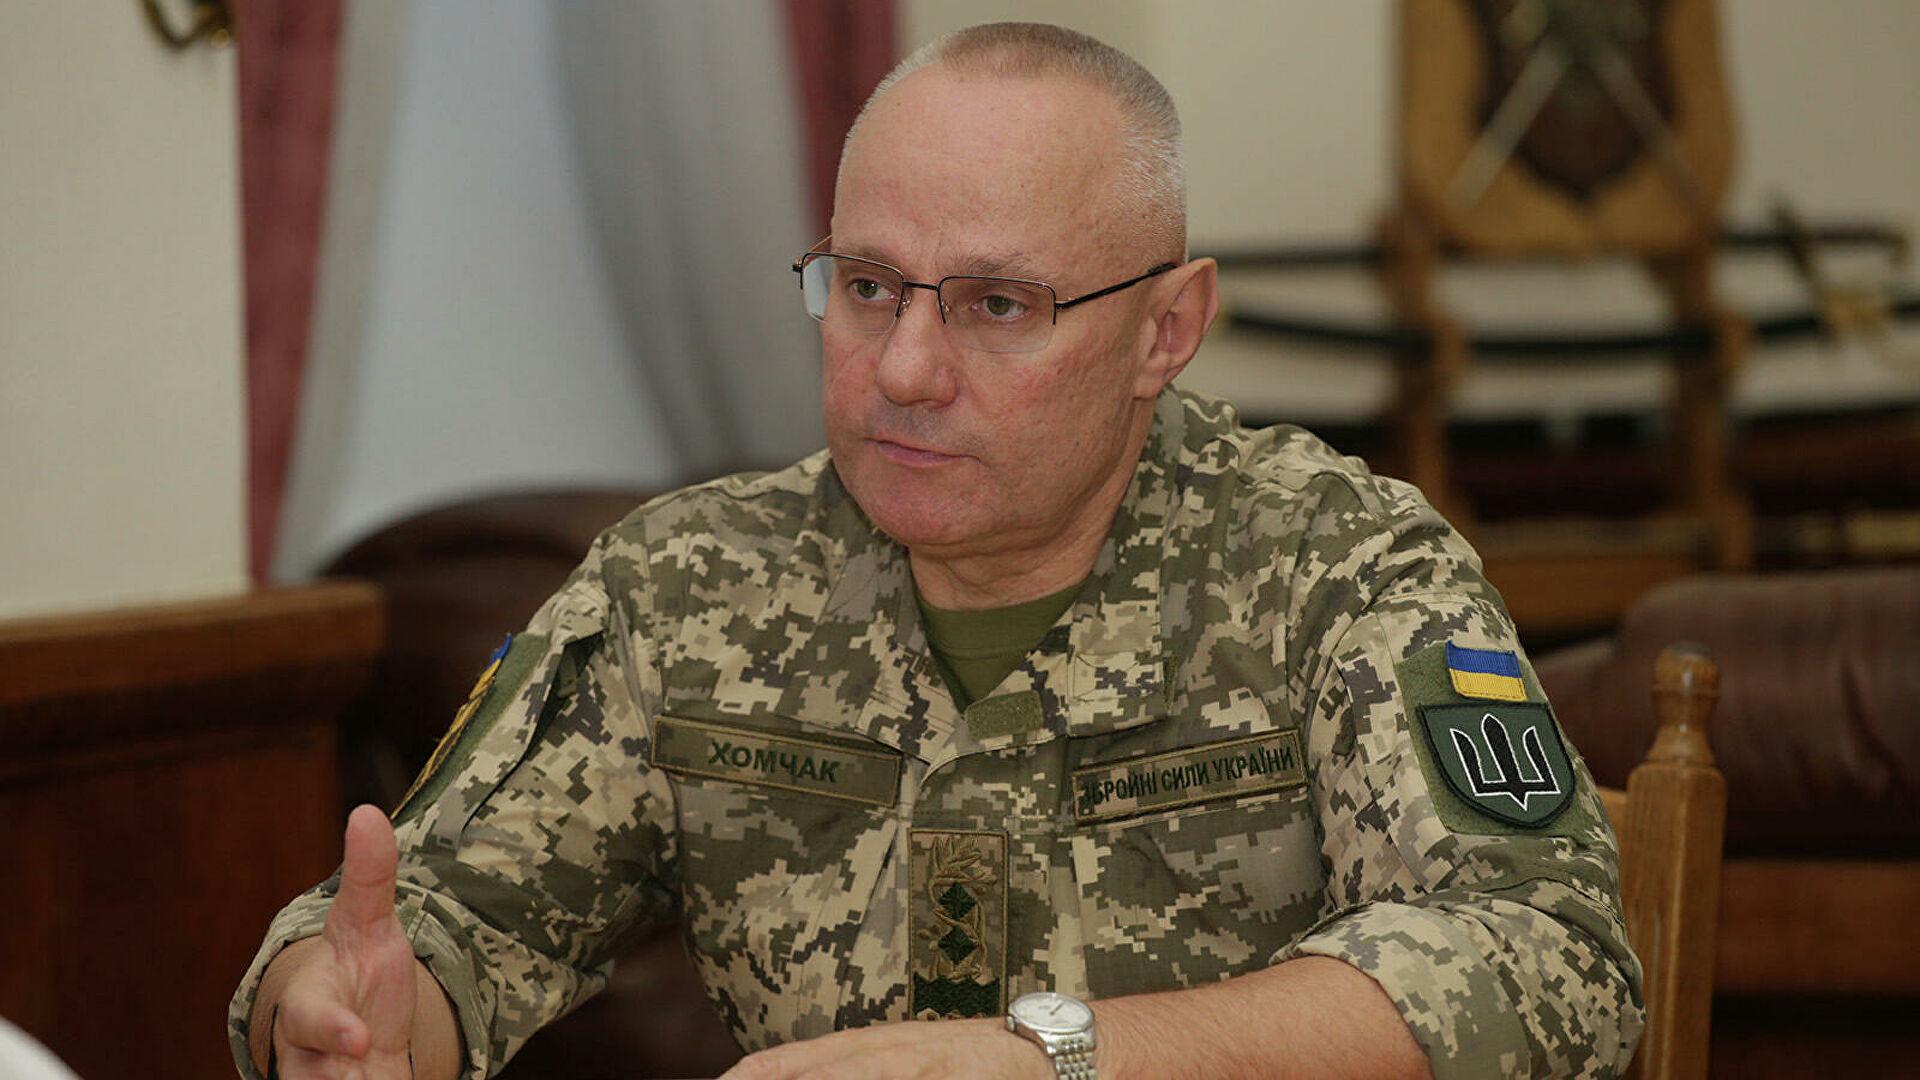 Командант украјинске војске: Припремамо све јединице за офанзивне операције у градским подручјима